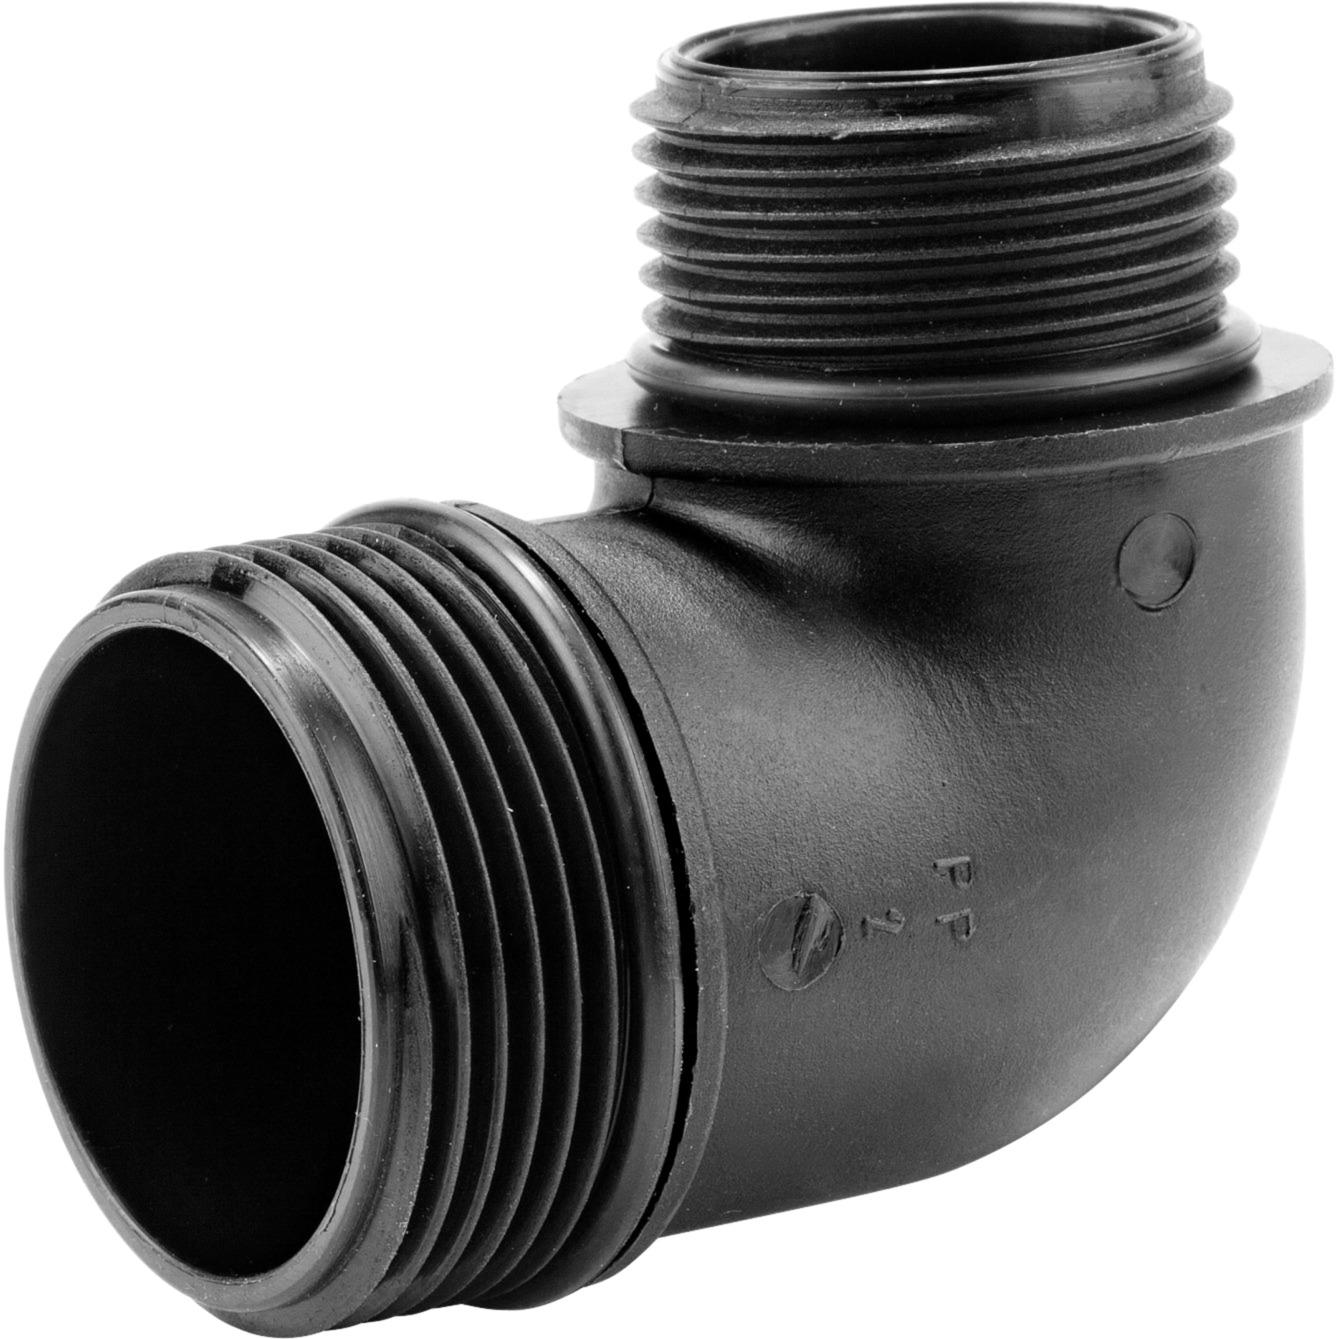 1744-20-sort-1pcs-ventil-stykker